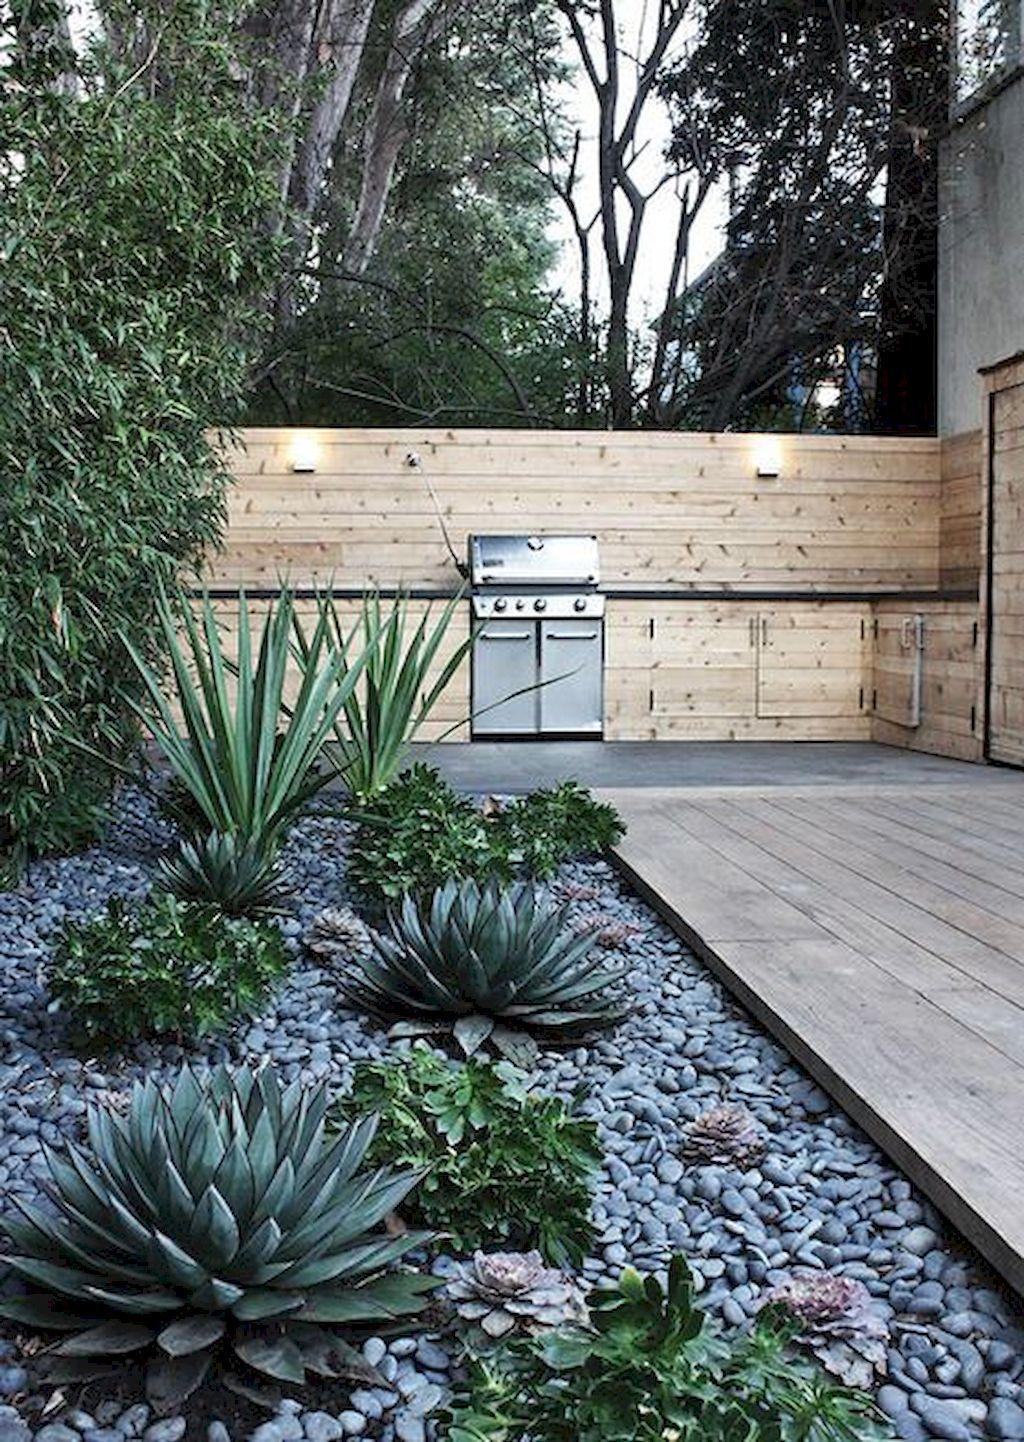 c9983bc00d1fb0ab6492462c6c02999c - The History Of Landscape Design In 100 Gardens